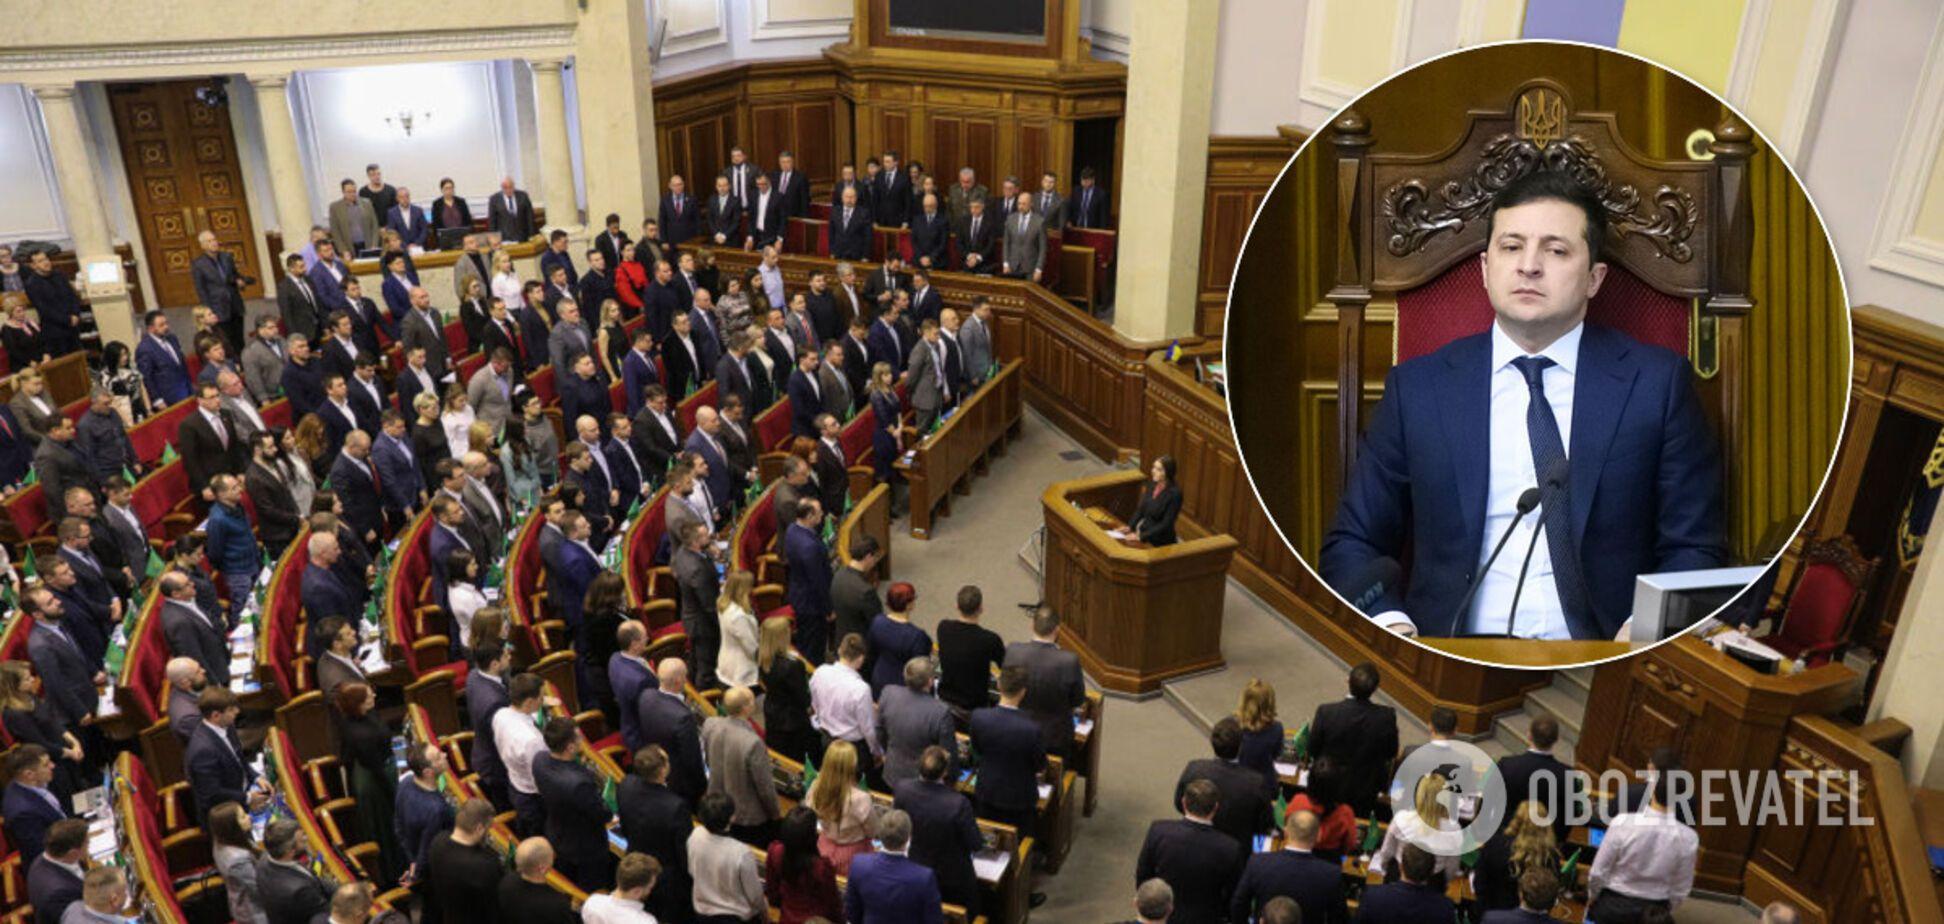 Данилюк попередив про можливі дострокові вибори нардепів